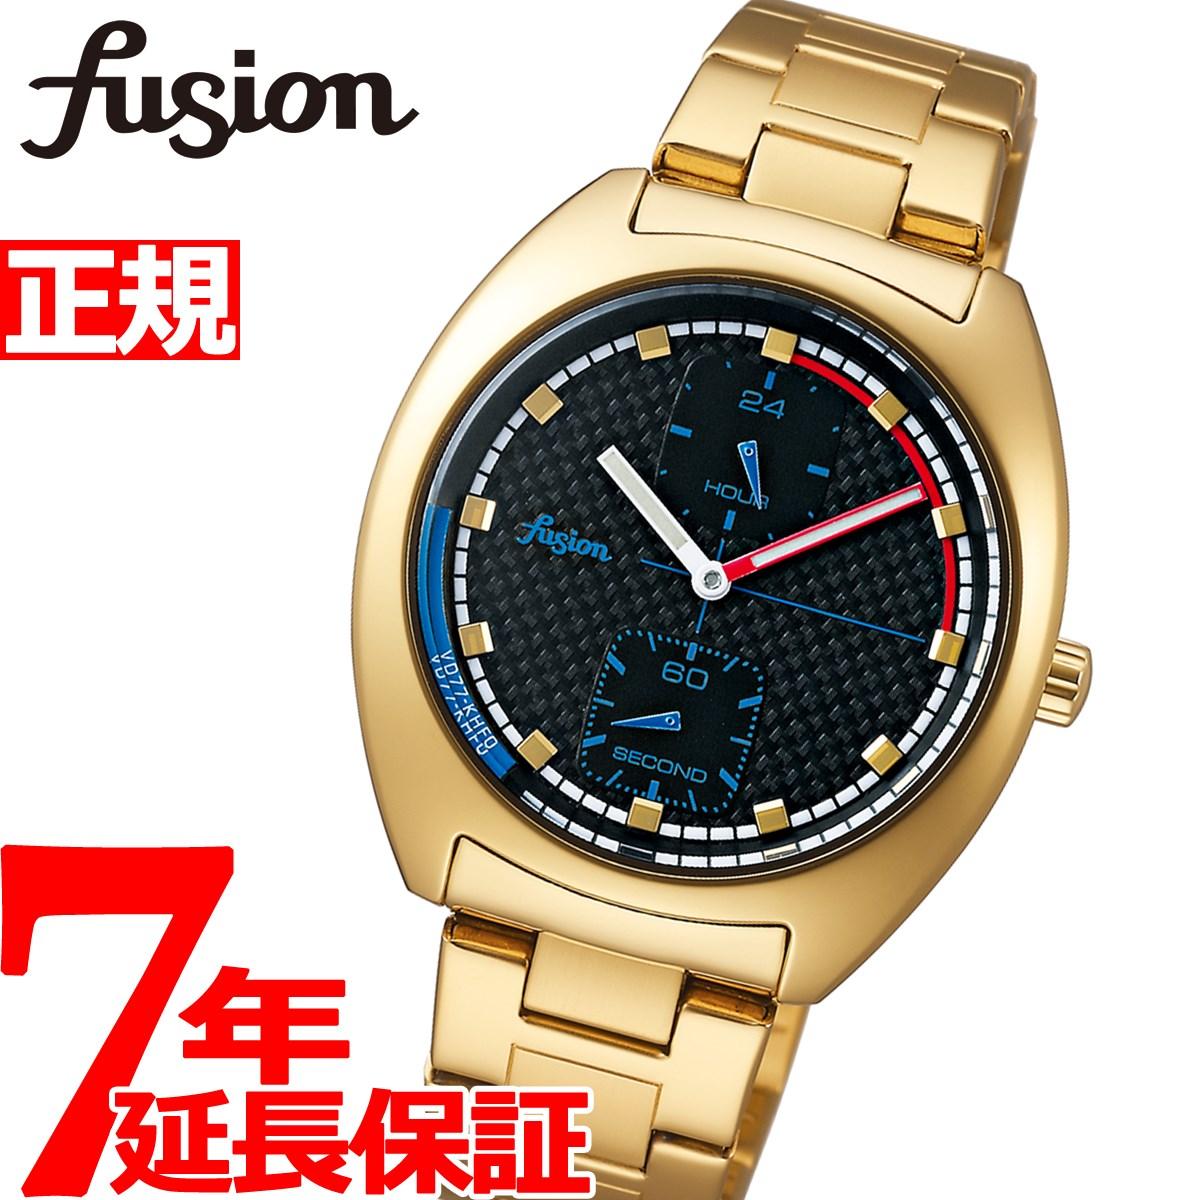 【5日0時~♪2000円OFFクーポン&店内ポイント最大51倍!5日23時59分まで】セイコー アルバ フュージョン SEIKO ALBA fusion 腕時計 メンズ レディース AFSK401